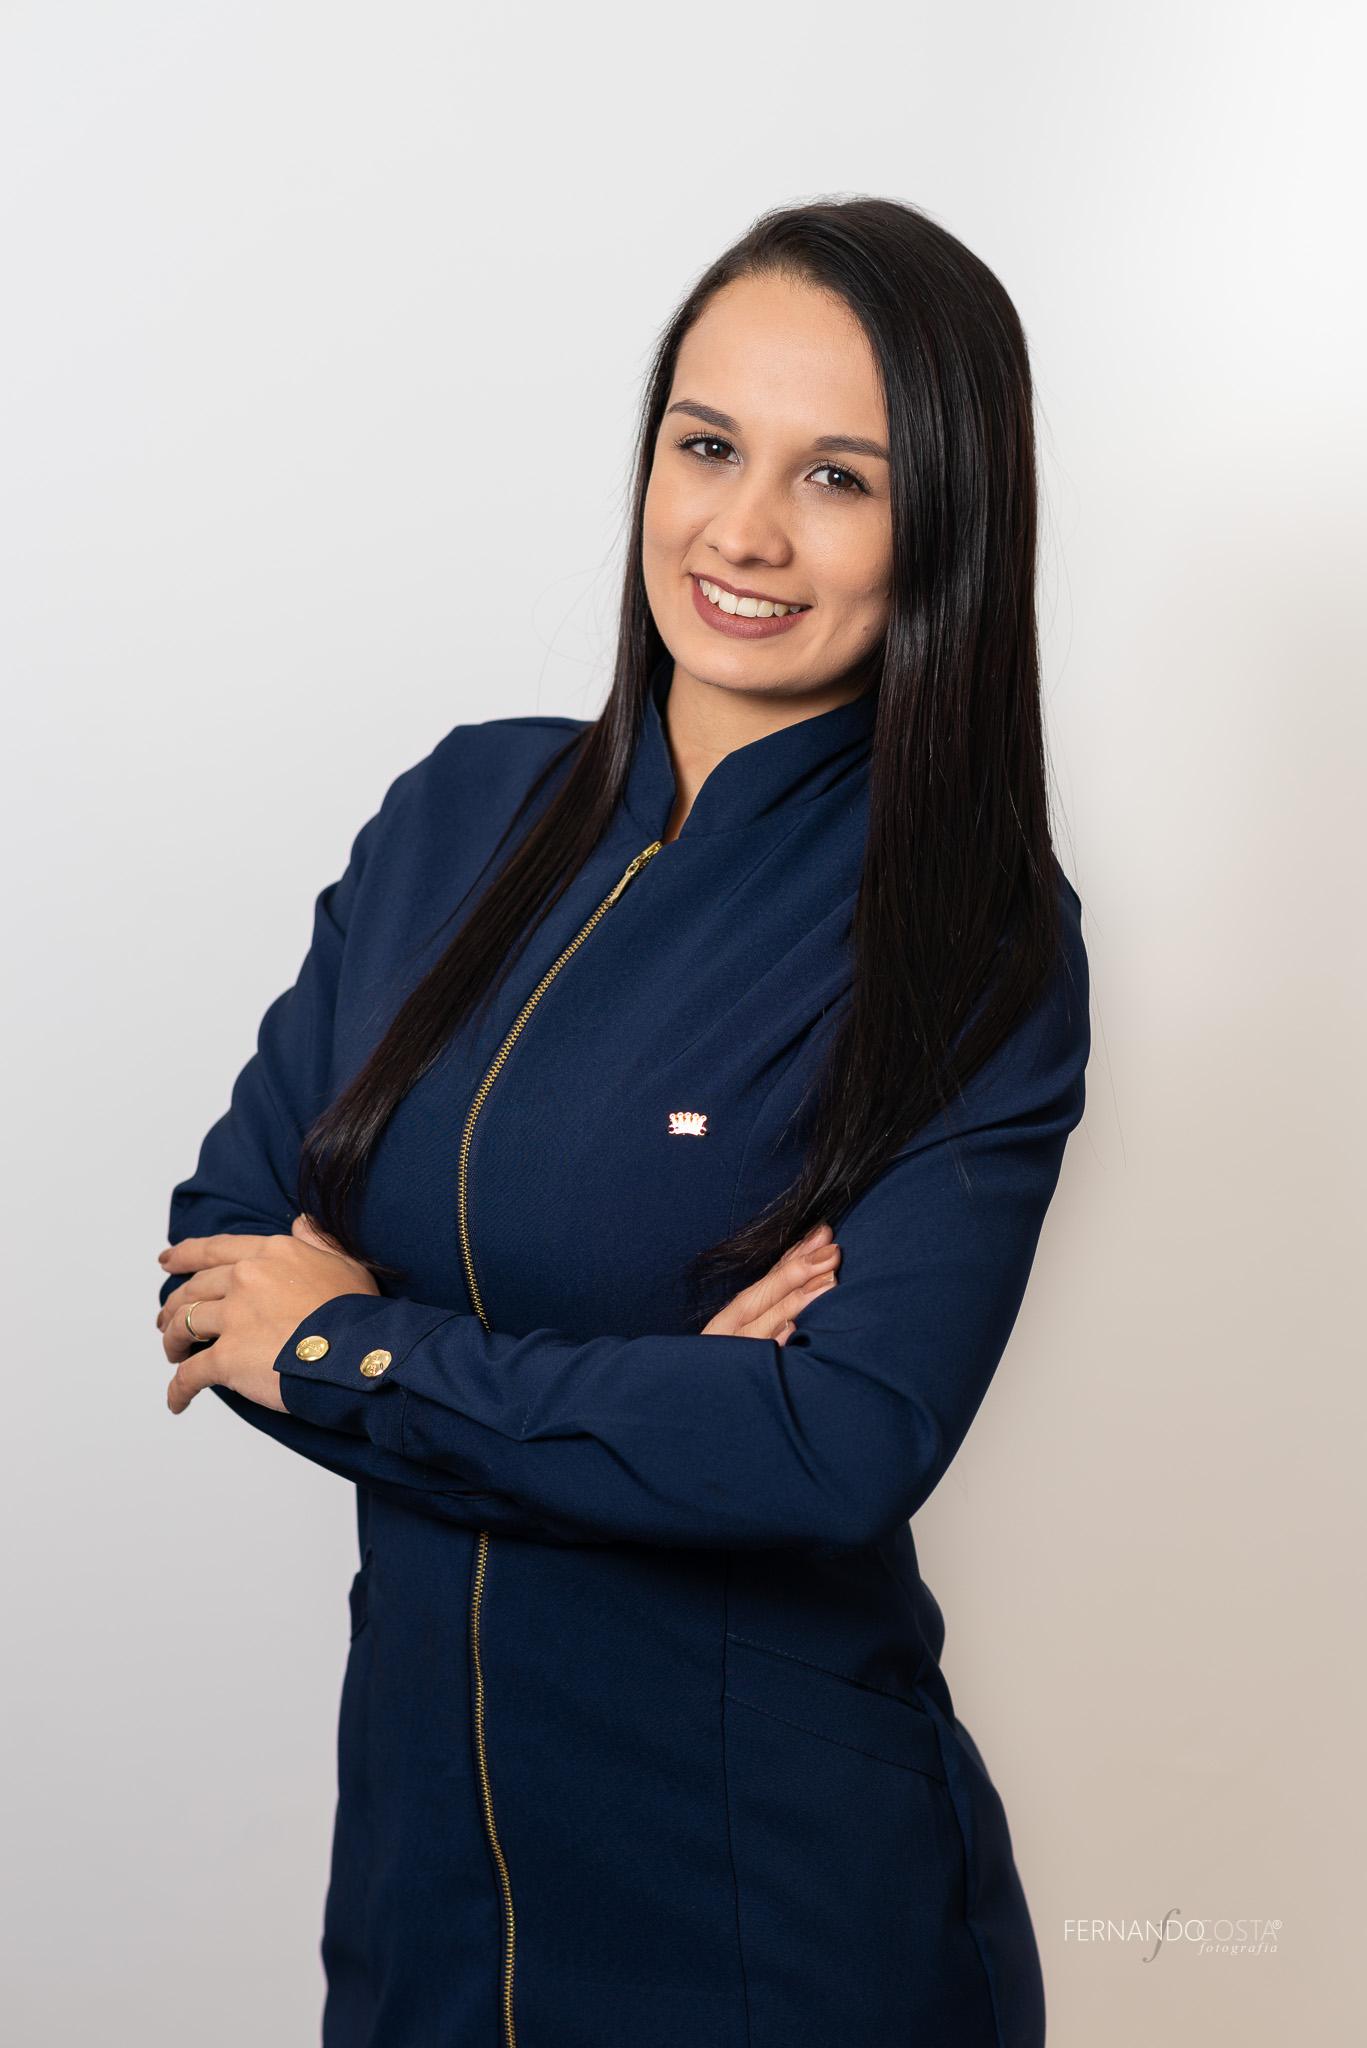 Rosângela Silva de Carvalho